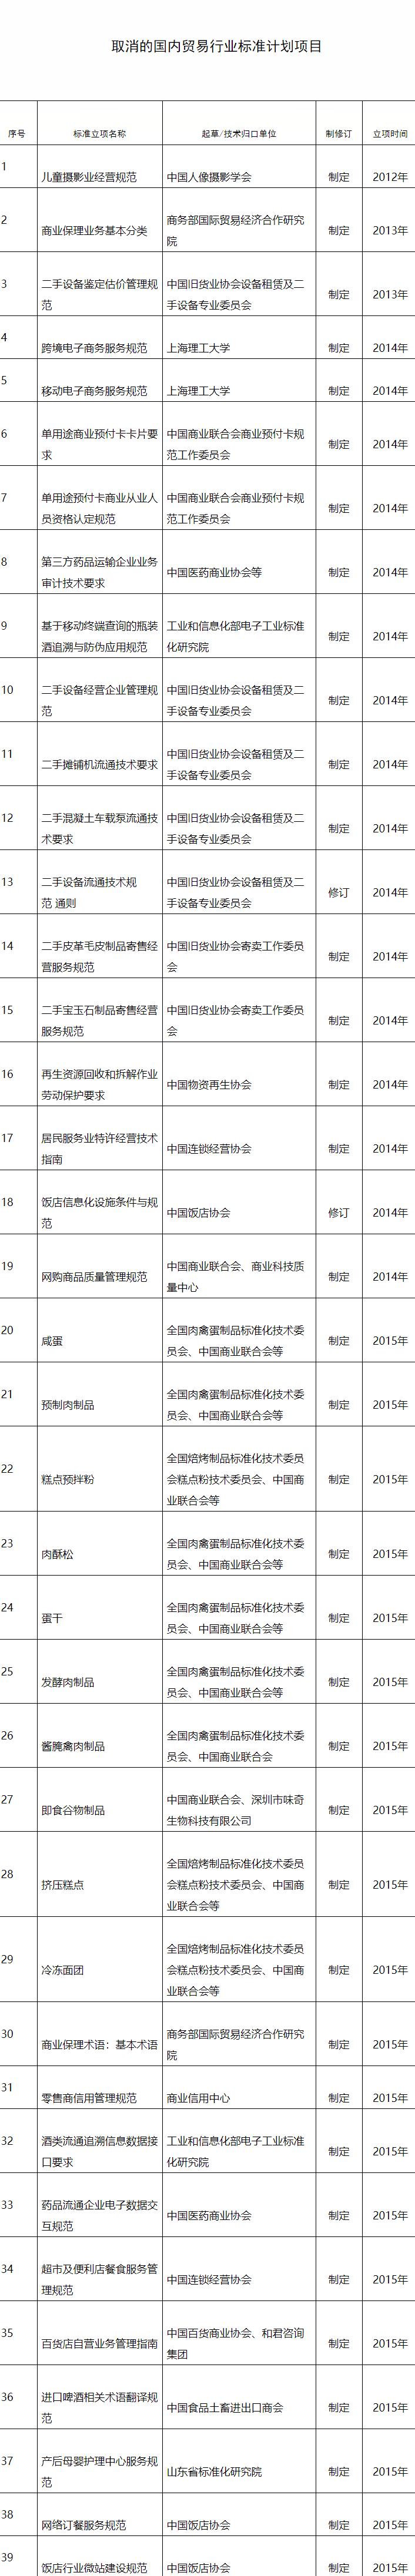 商务部:取消预制肉制品等39项国内贸易行业标准计划项目